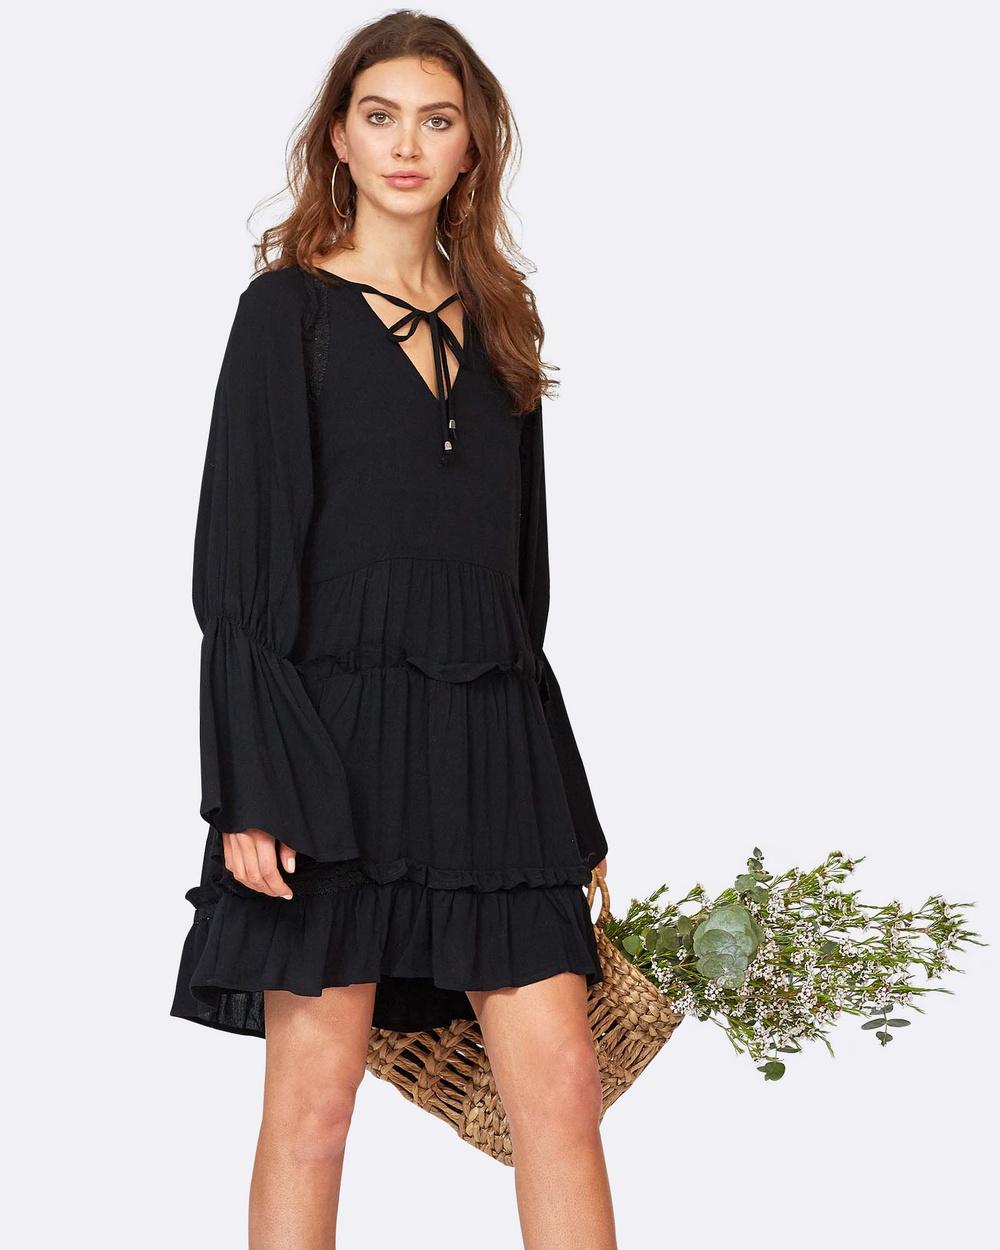 Three of Something Elisa Dress Dresses Black Elisa Dress